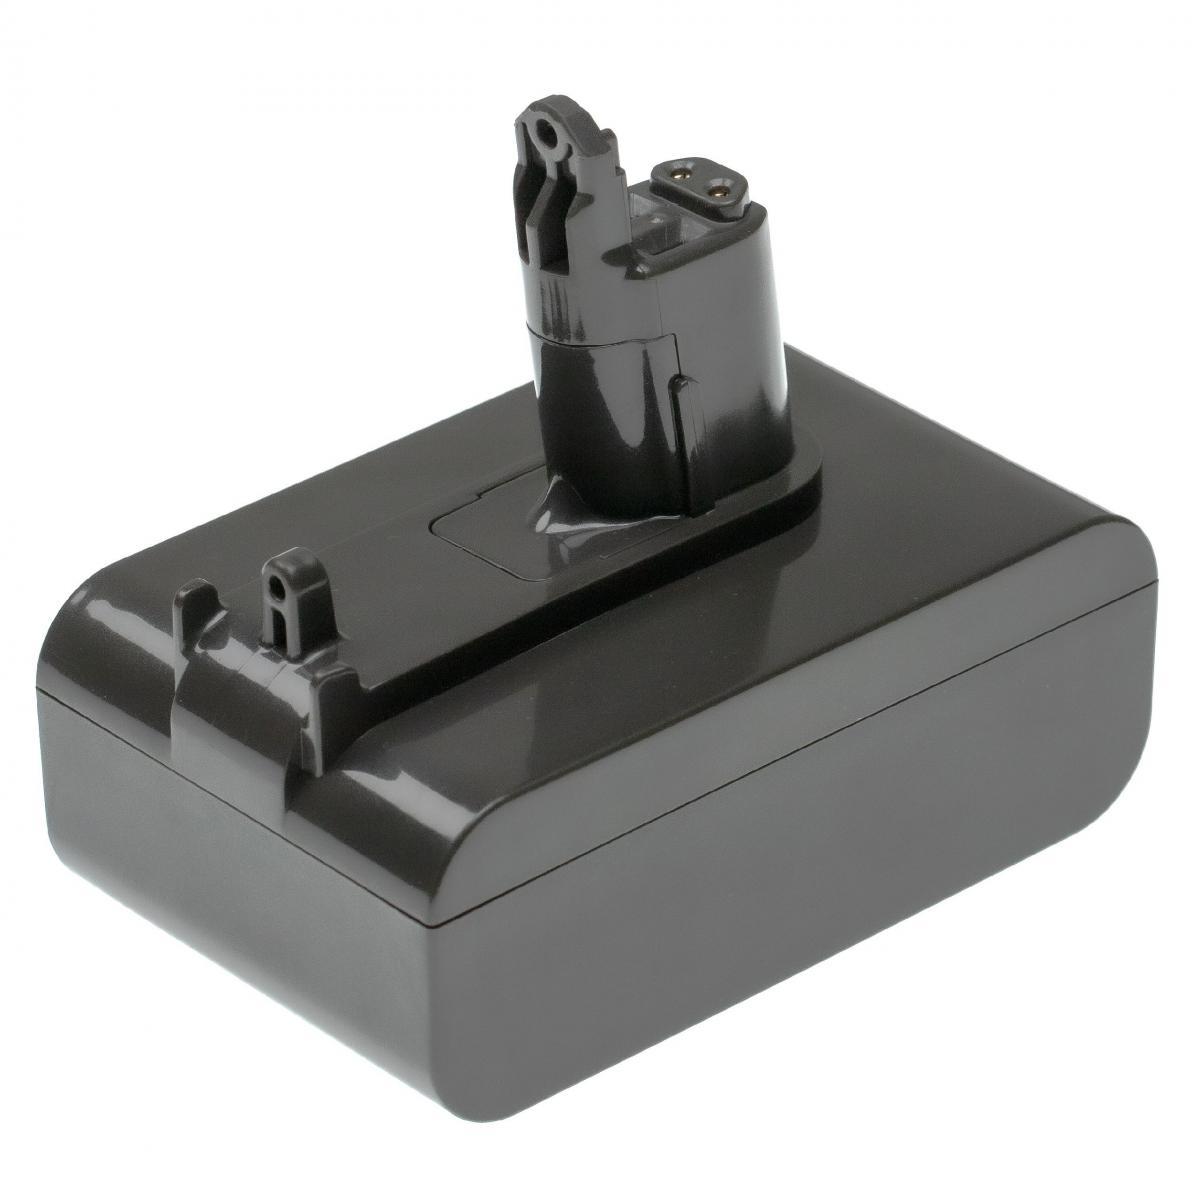 Vhbw INTENSILO batterie compatible avec Dyson DC45 Animal Pro, DC31 Animal, DC34, DC35 aspirateur Home Cleaner (5000mAh, 22,2